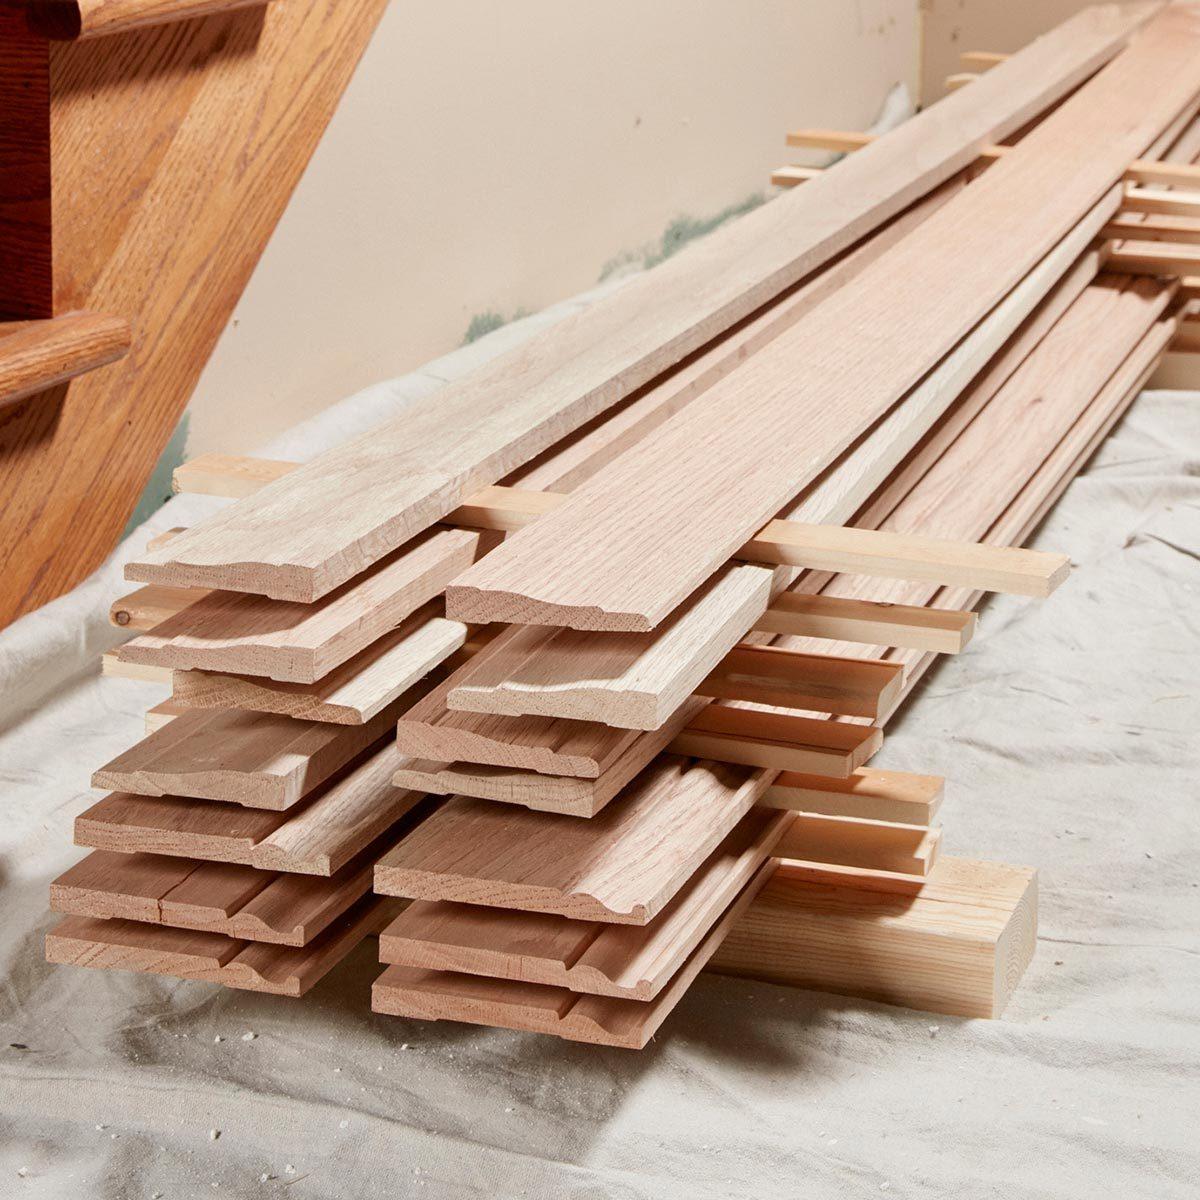 Let wood acclimate